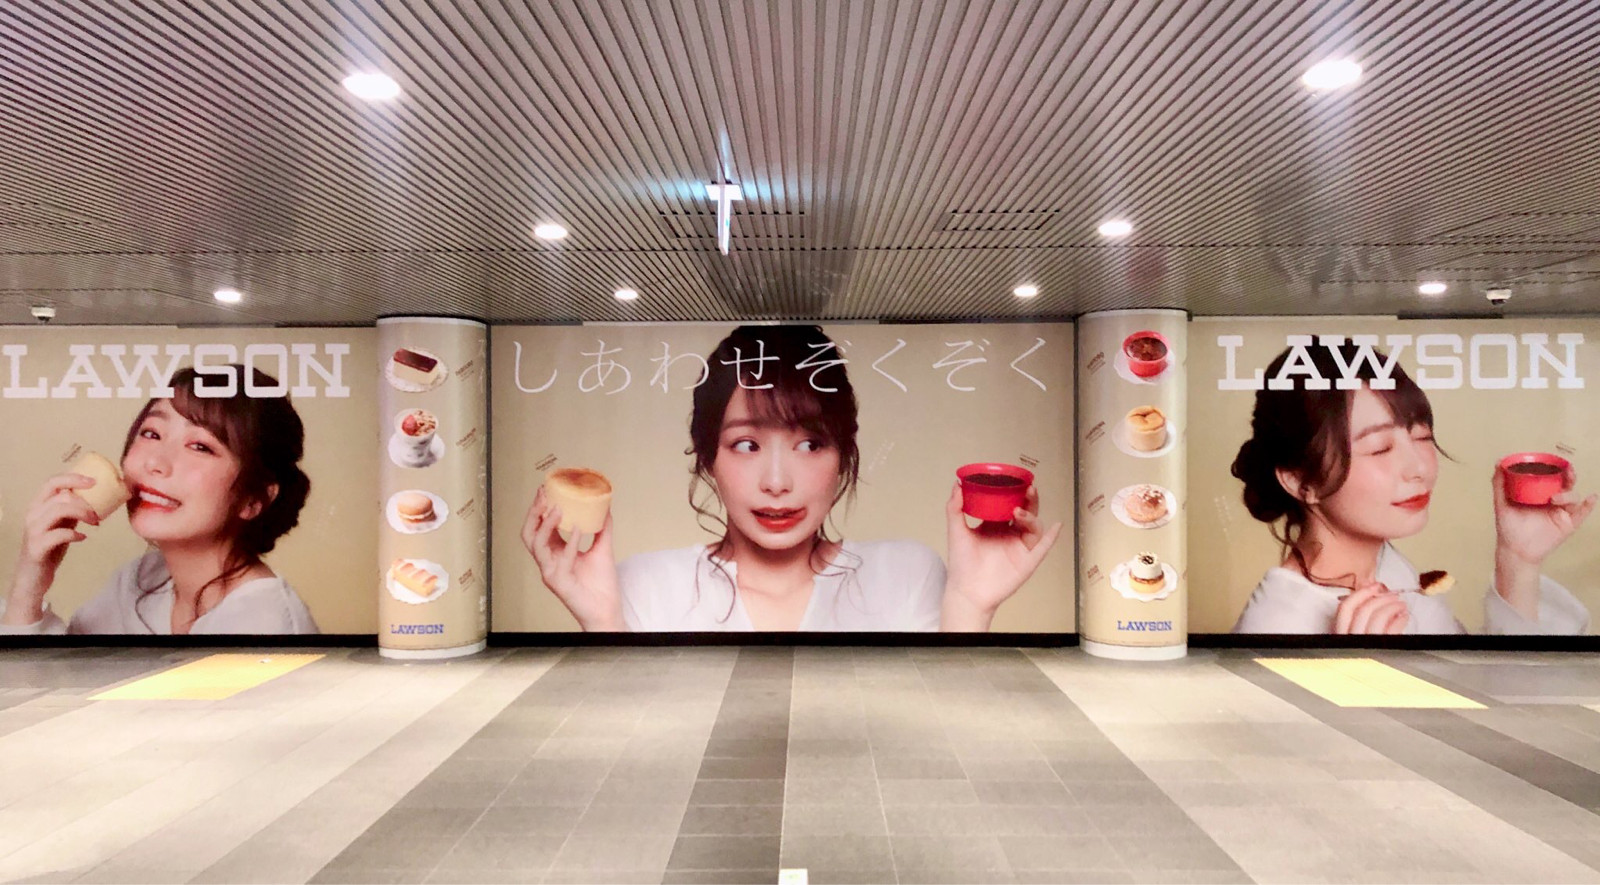 【画像】宇垣美里さん、ローソンの広告に選ばれてしまう